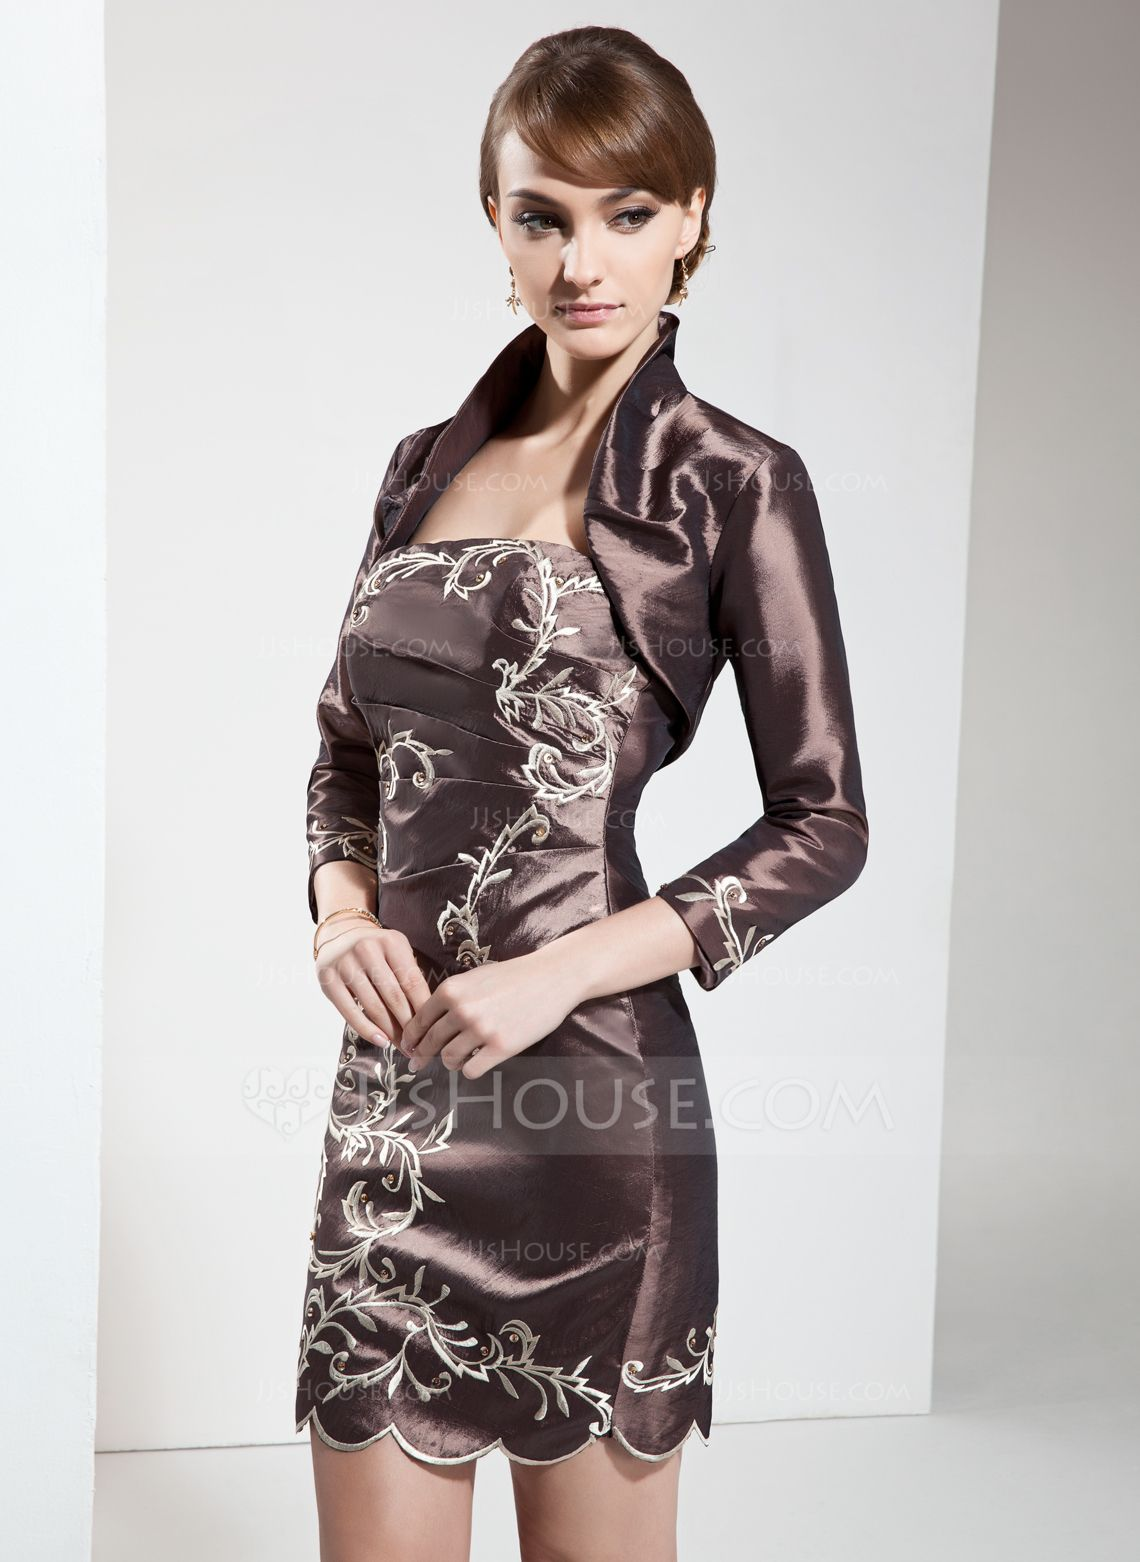 Forme Fourreau Sans bretelle Court/Mini Taffeta Robe de mère de la mariée avec Broderie Emperler (008006029) - JJsHouse